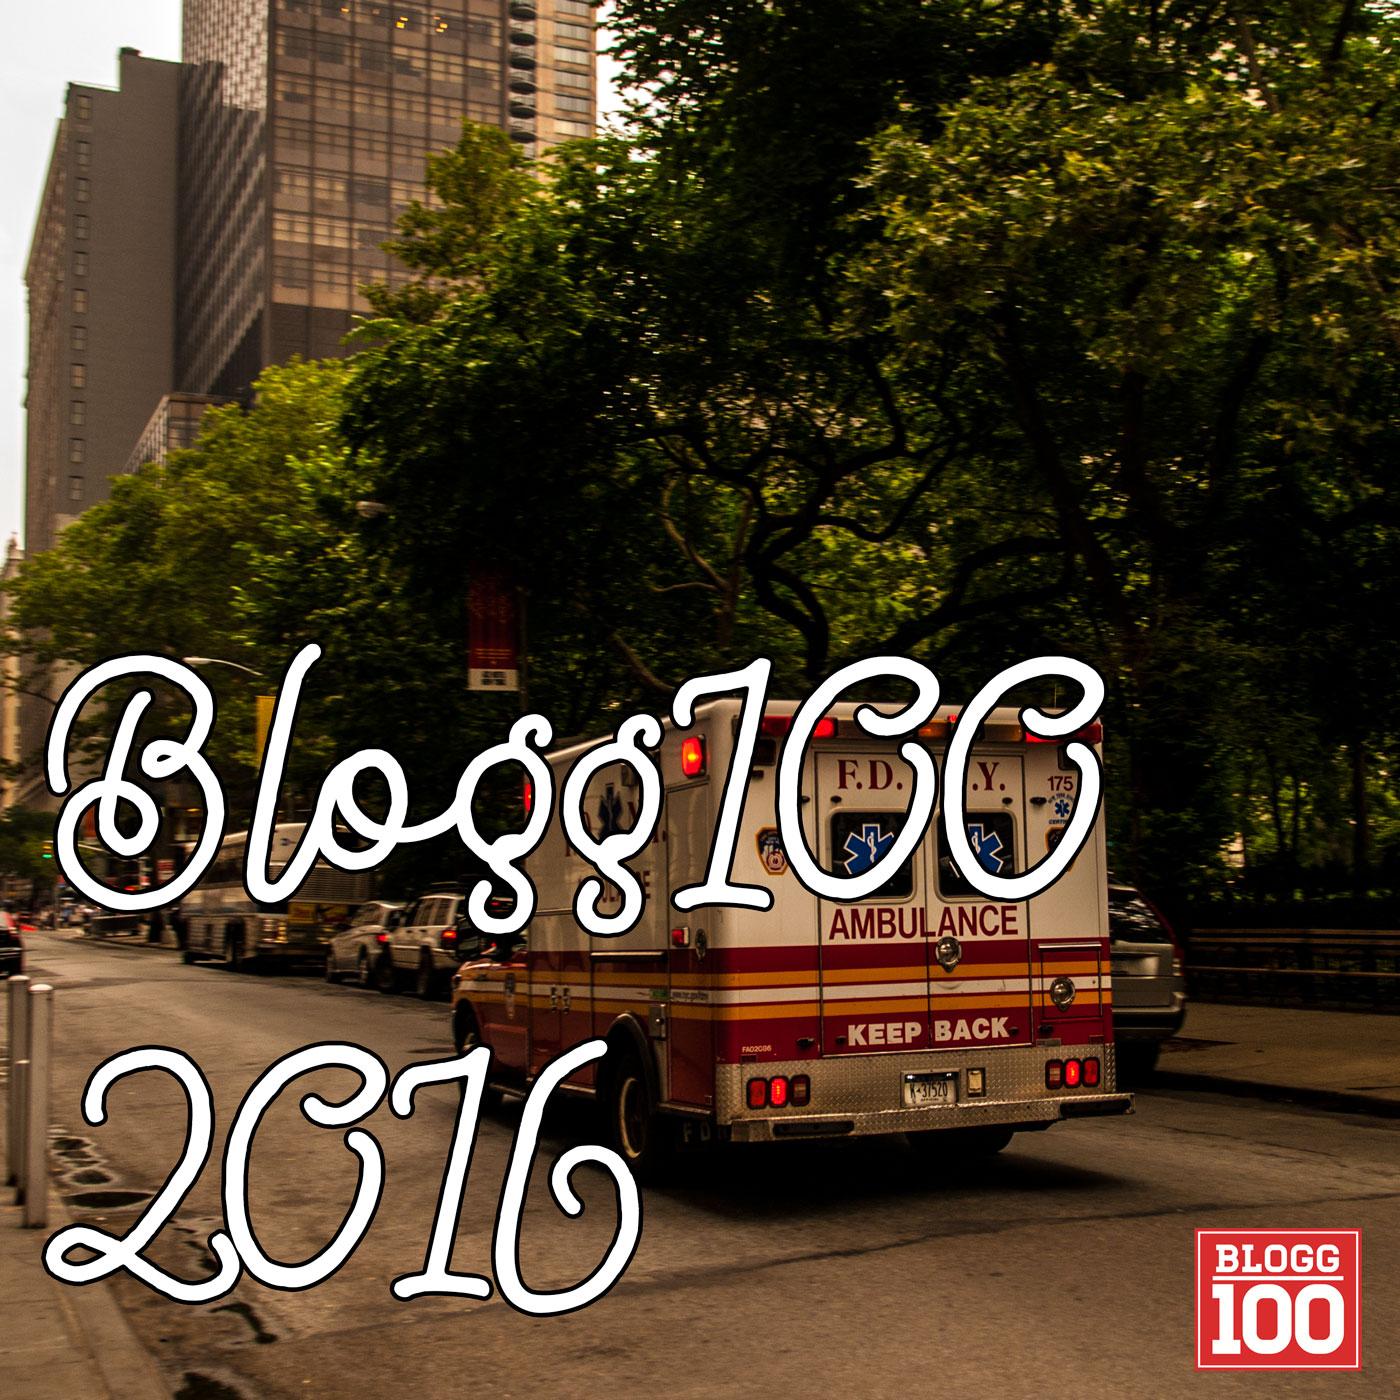 Vuxna människor på gymmet #blogg100